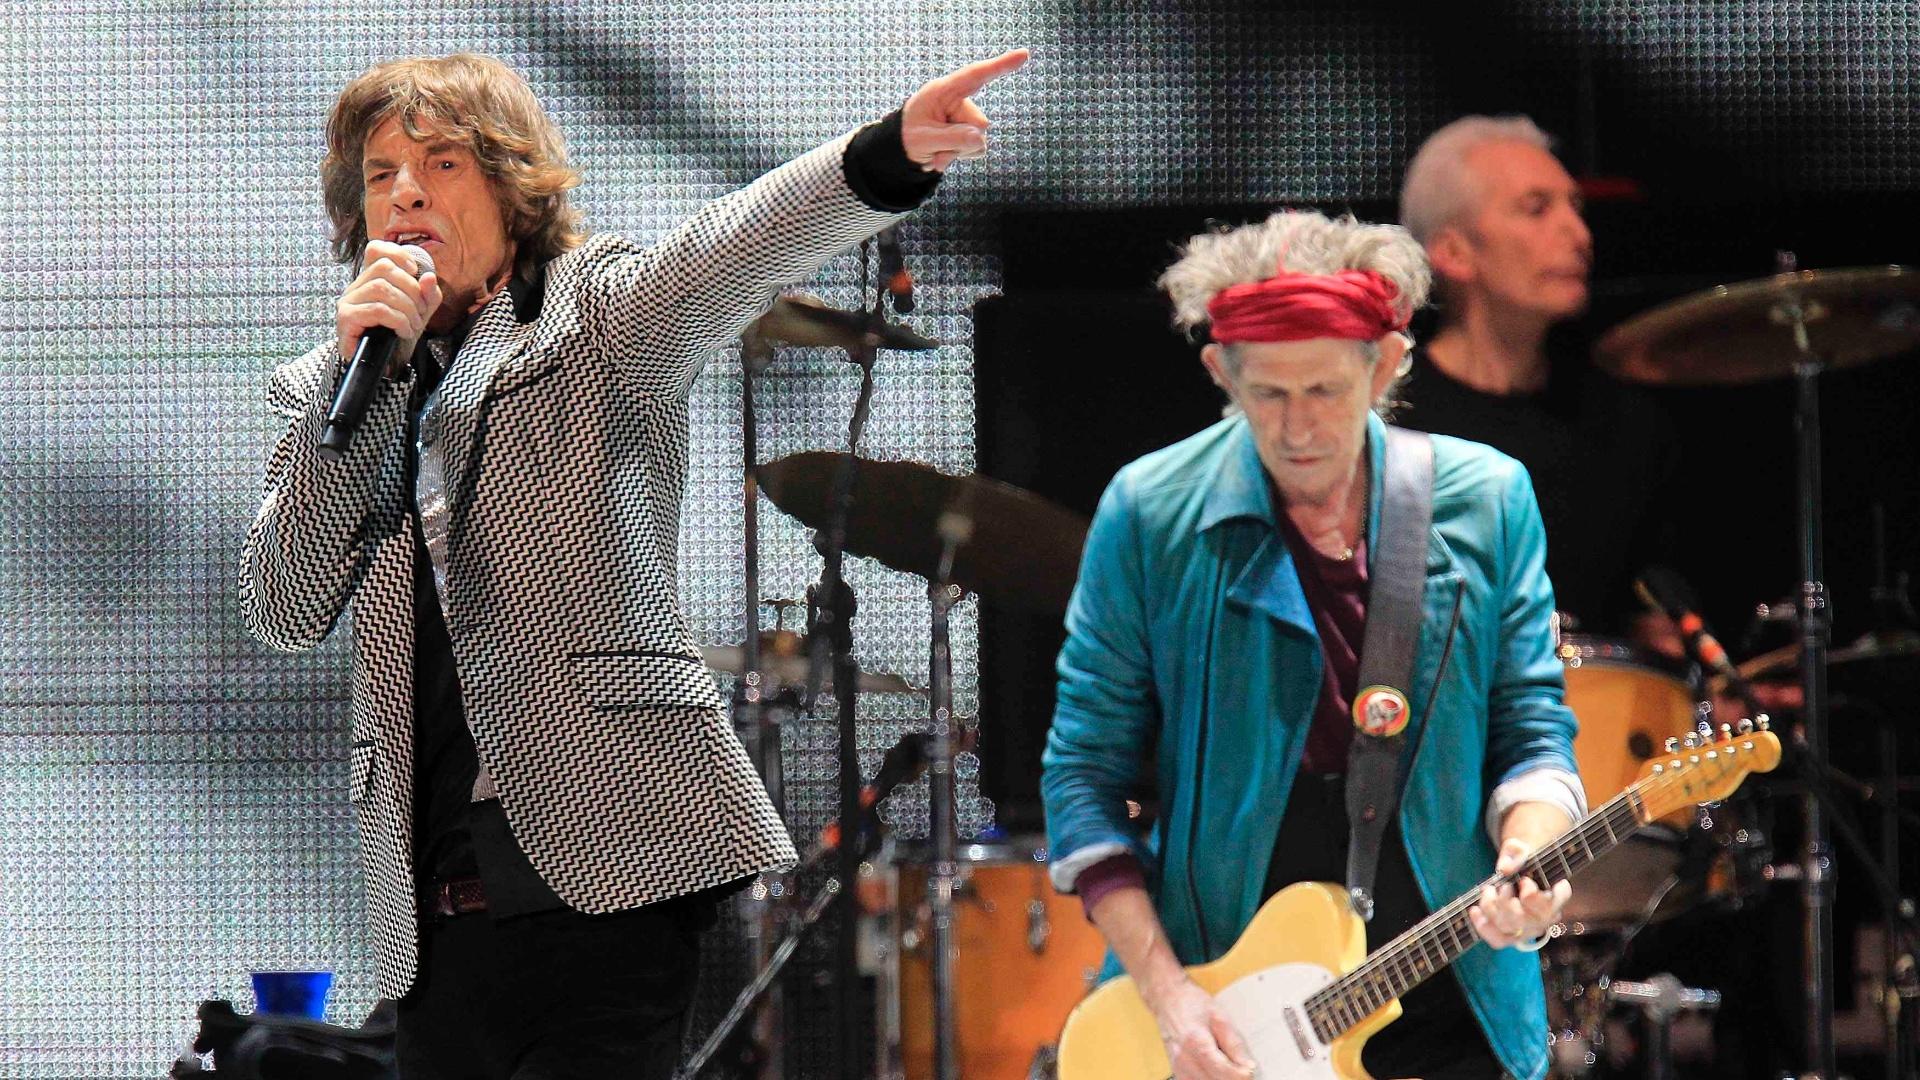 16.dez.2012 - Os Rolling Stones fizeram neste sábado o último show em comemoração aos 50 anos de carreira da banda, nos EUA